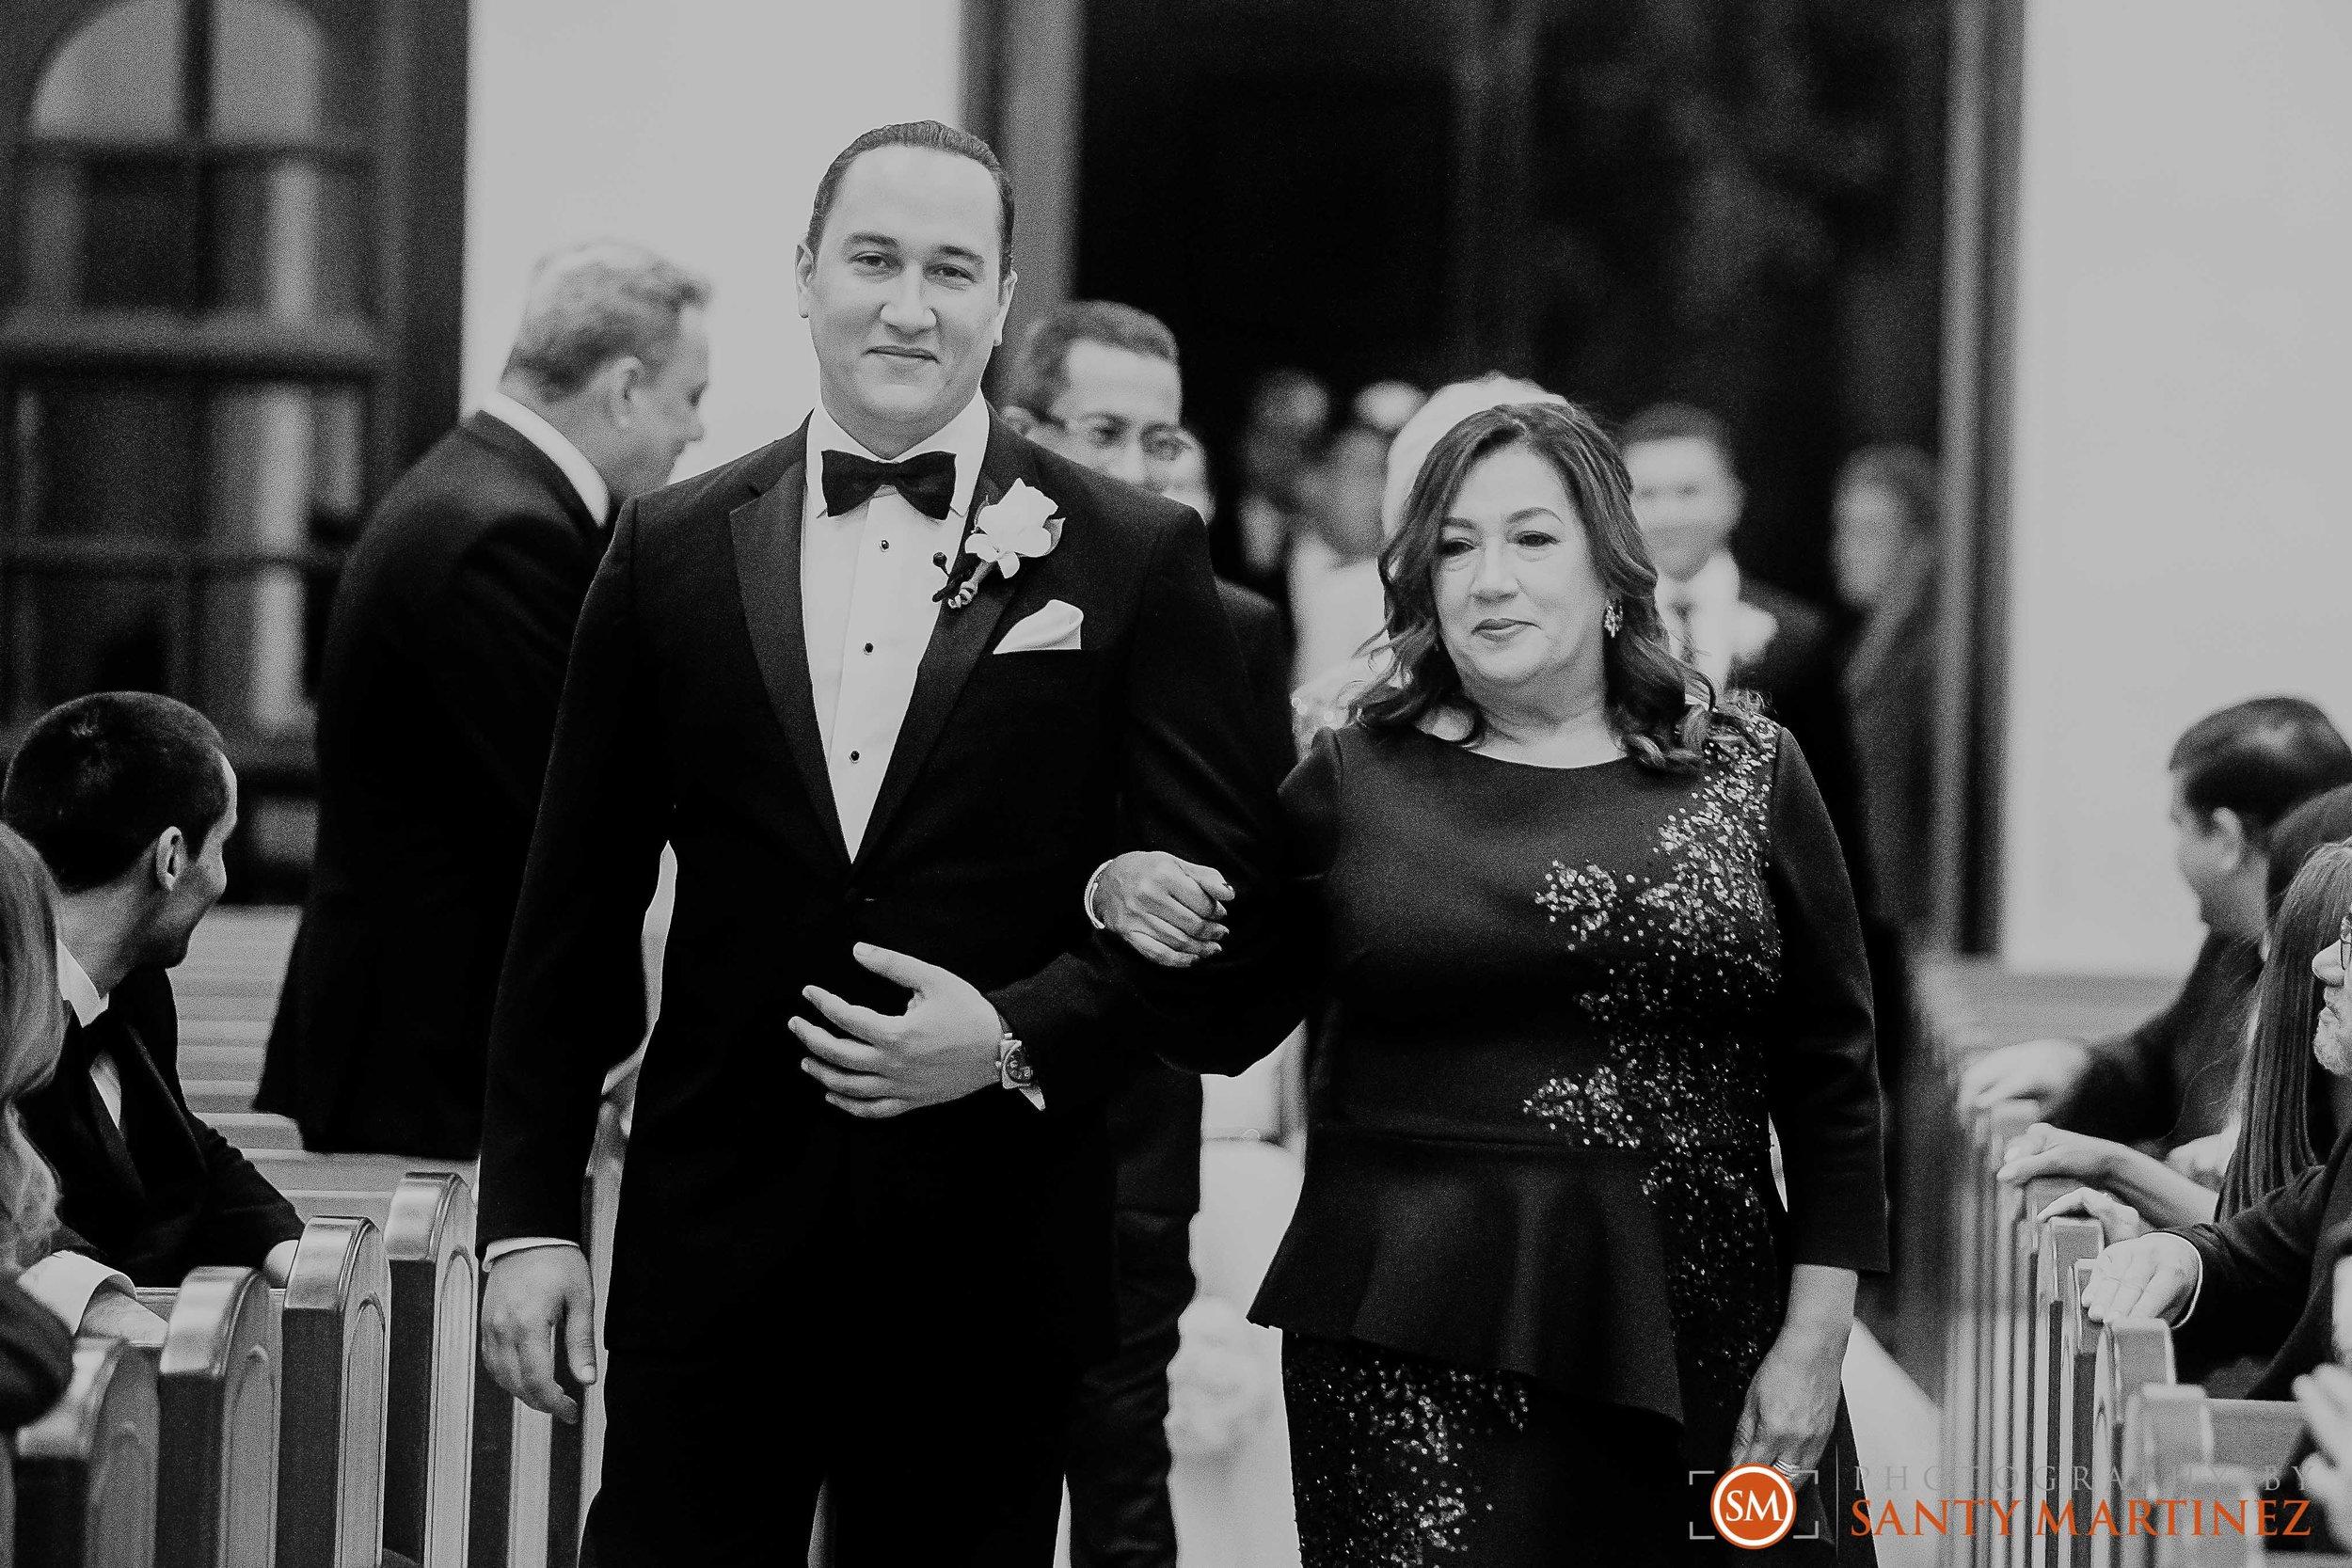 Wedding - W Hotel - St Patrick Miami Beach - Santy Martinez Photography-18.jpg